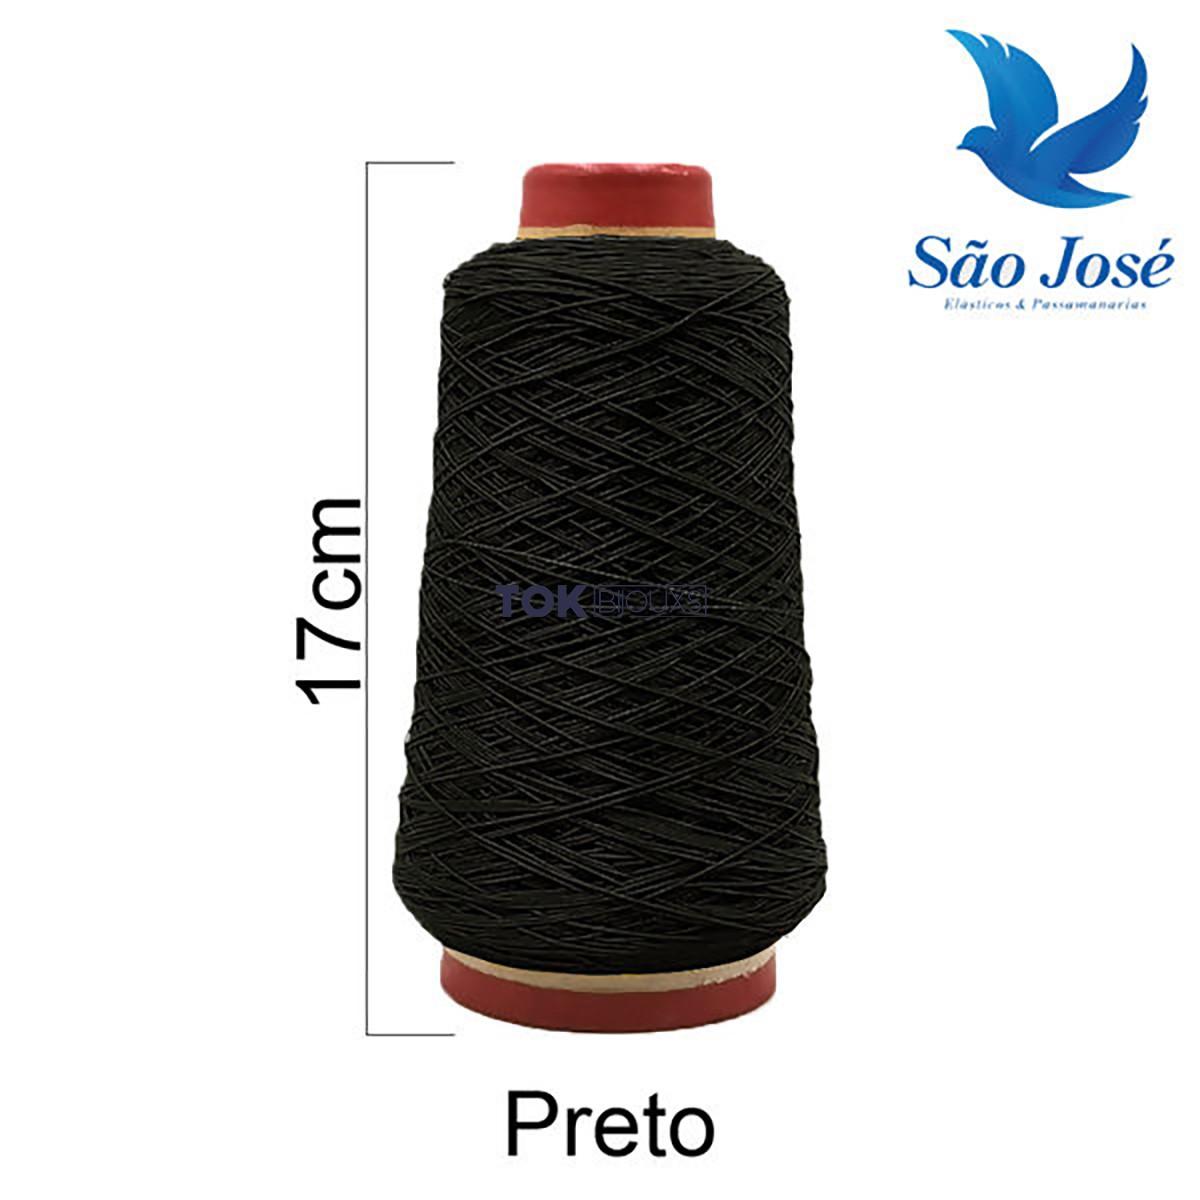 Lastex - Preto - 500 Metros